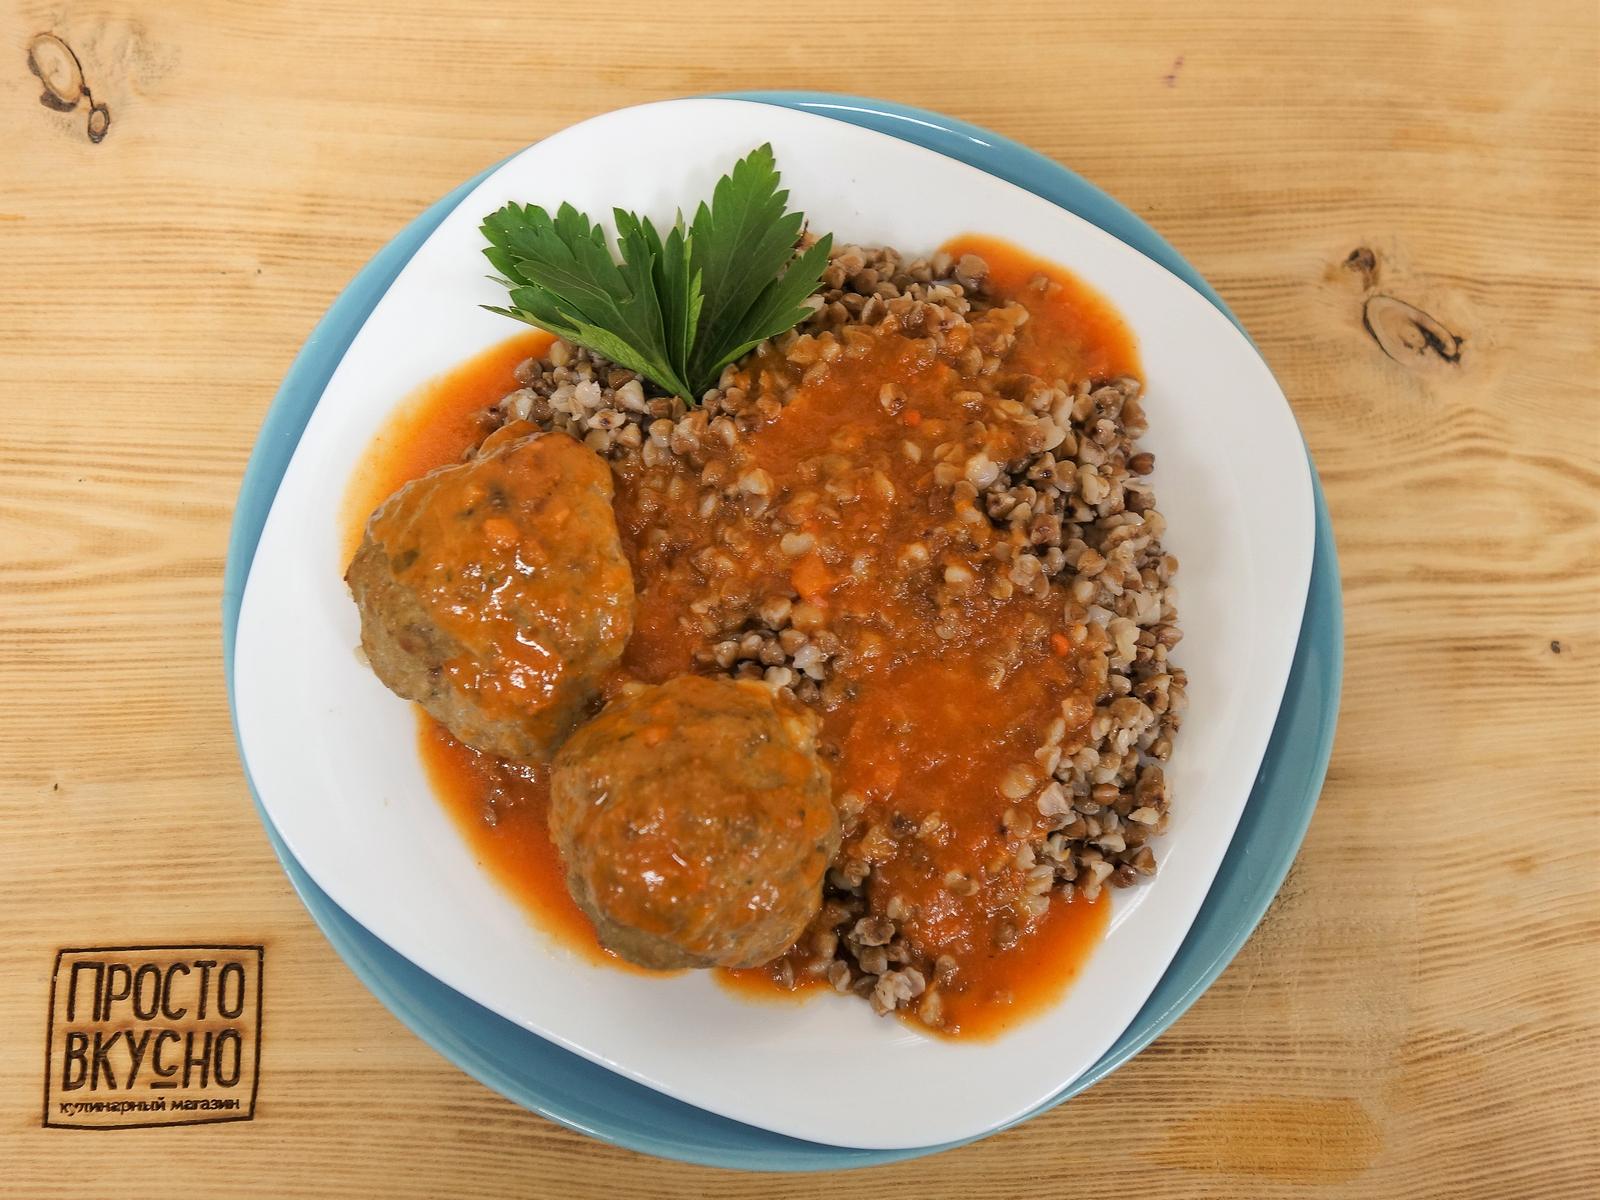 Гречка с тефтелями в томатном соусе